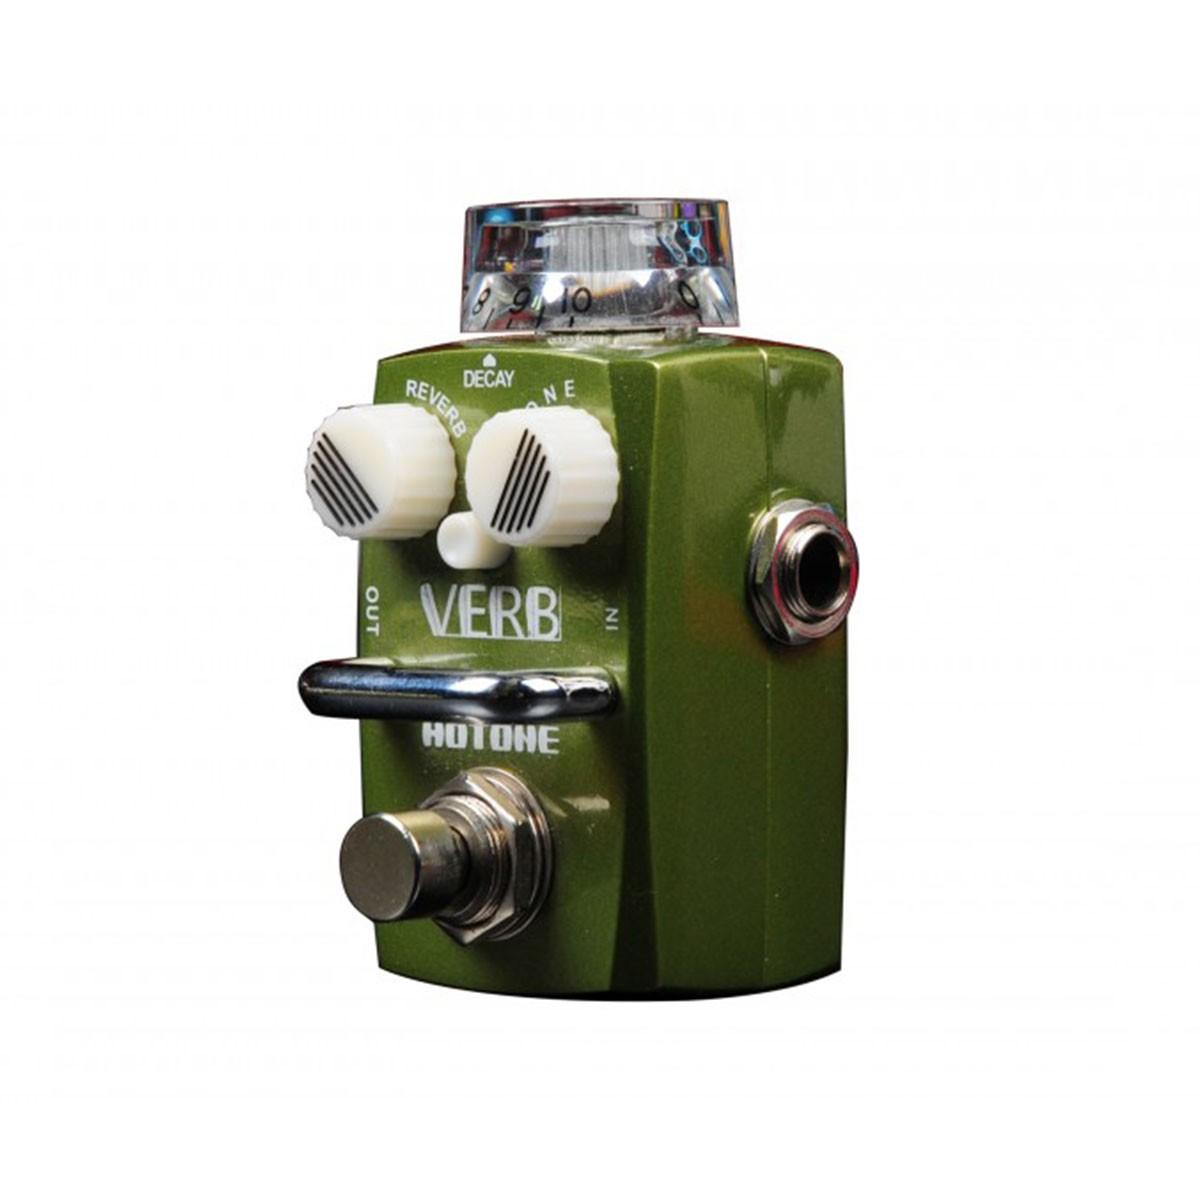 Pedal Hotone Skyline Verb SRV-1 Digital Reverb